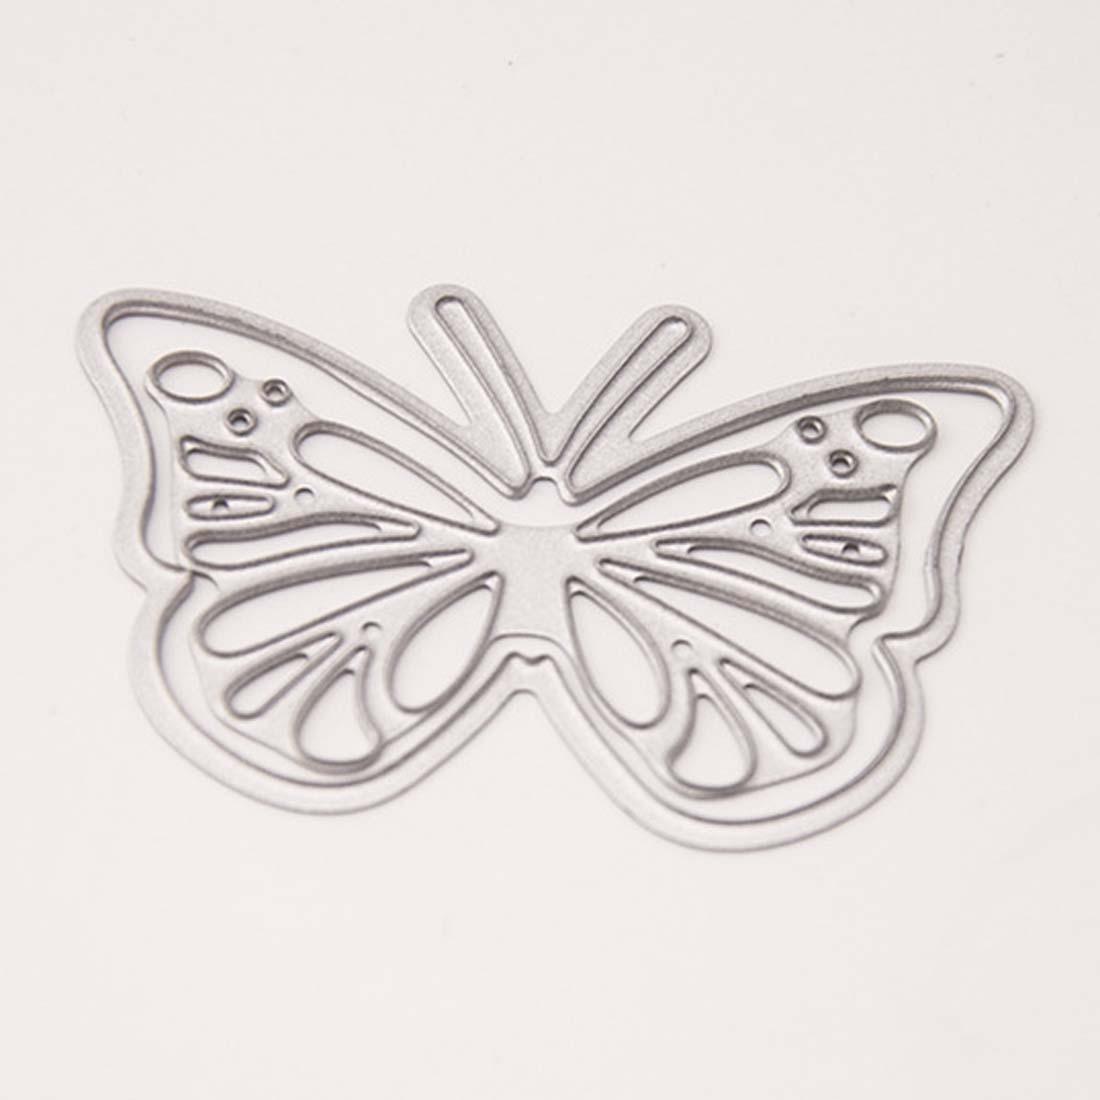 Butterfly Metal Die Cutting Dies For DIY Scrapbooking Photo Album Embossing Folder 5x3.5cm